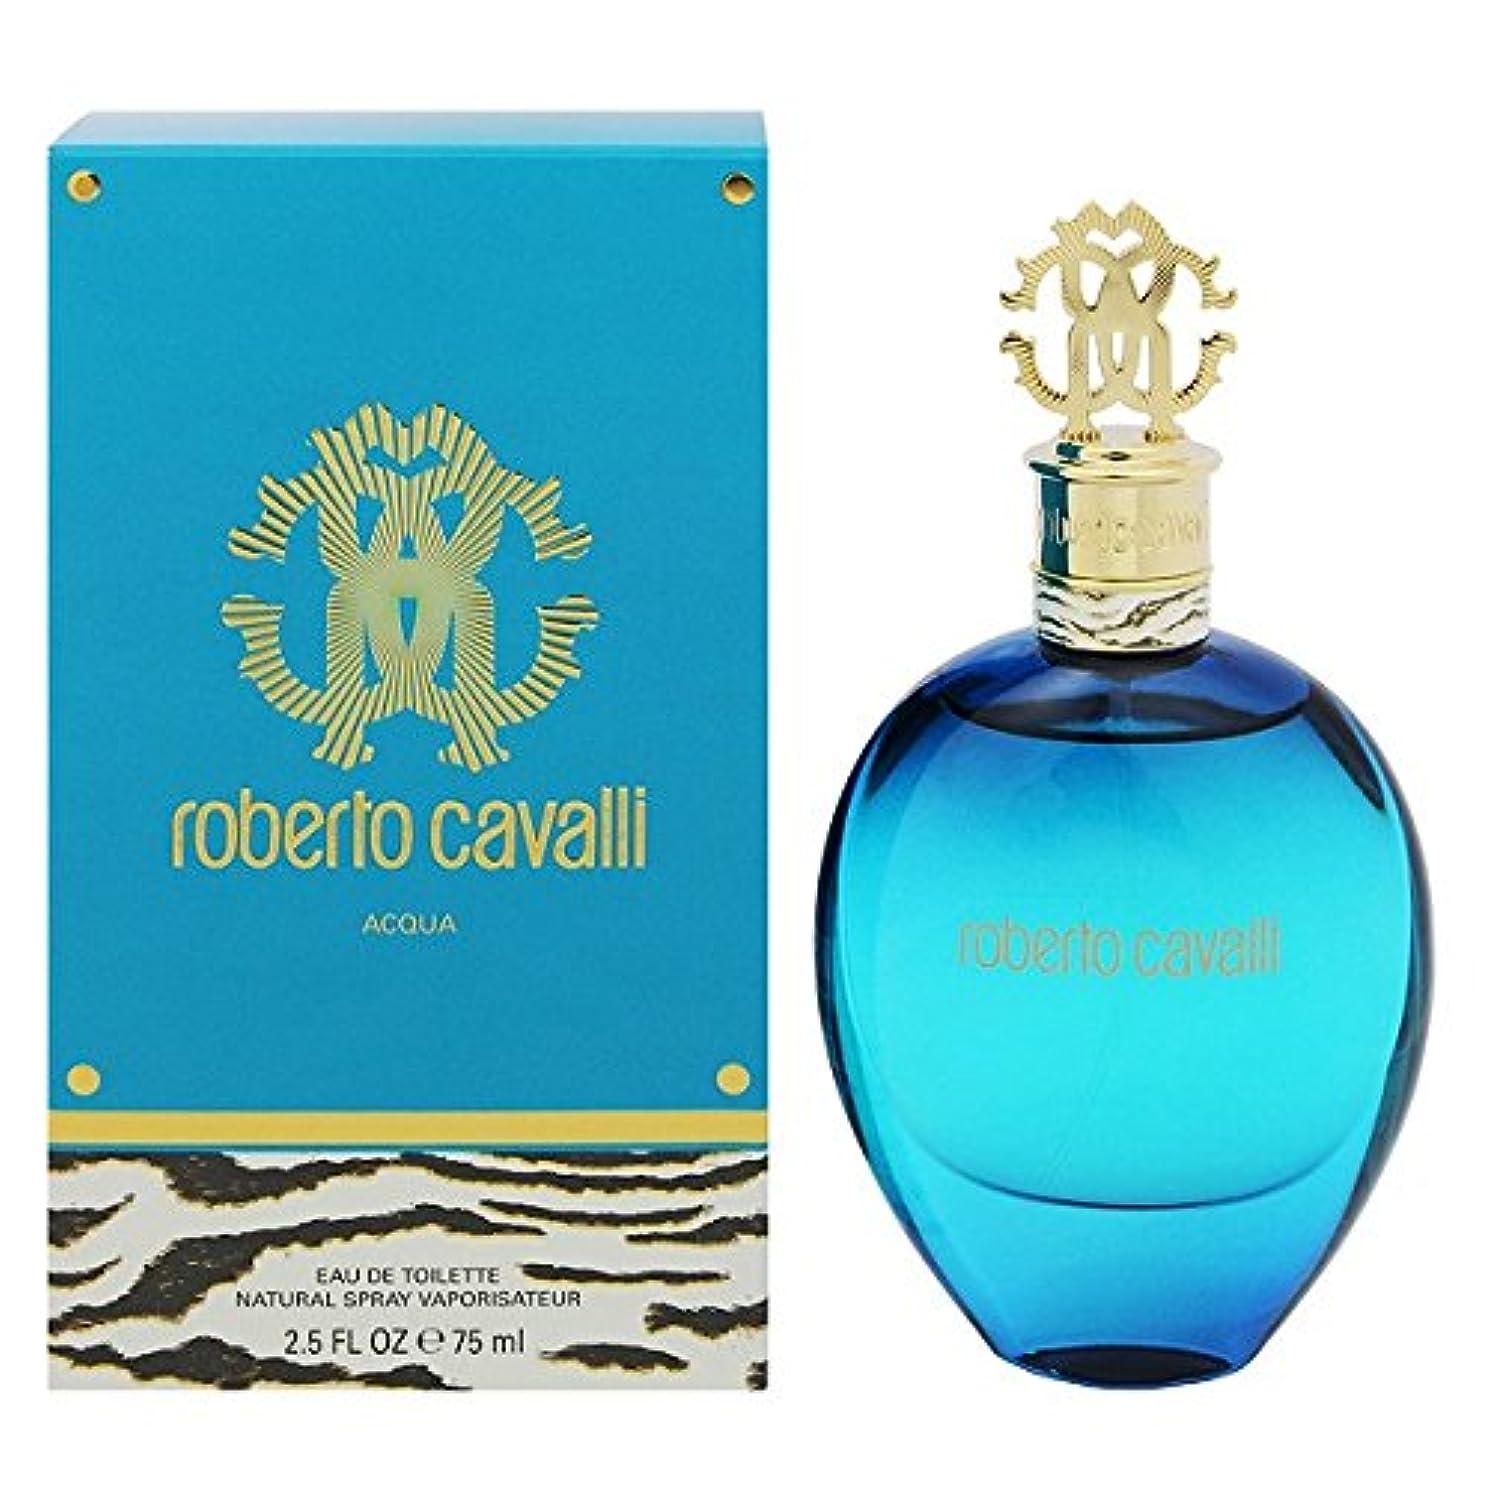 肥沃な外部春Roberto Cavalli Acqua (ロベルト カバリー アクア) 2.5 oz (75ml) EDT Spray for Women